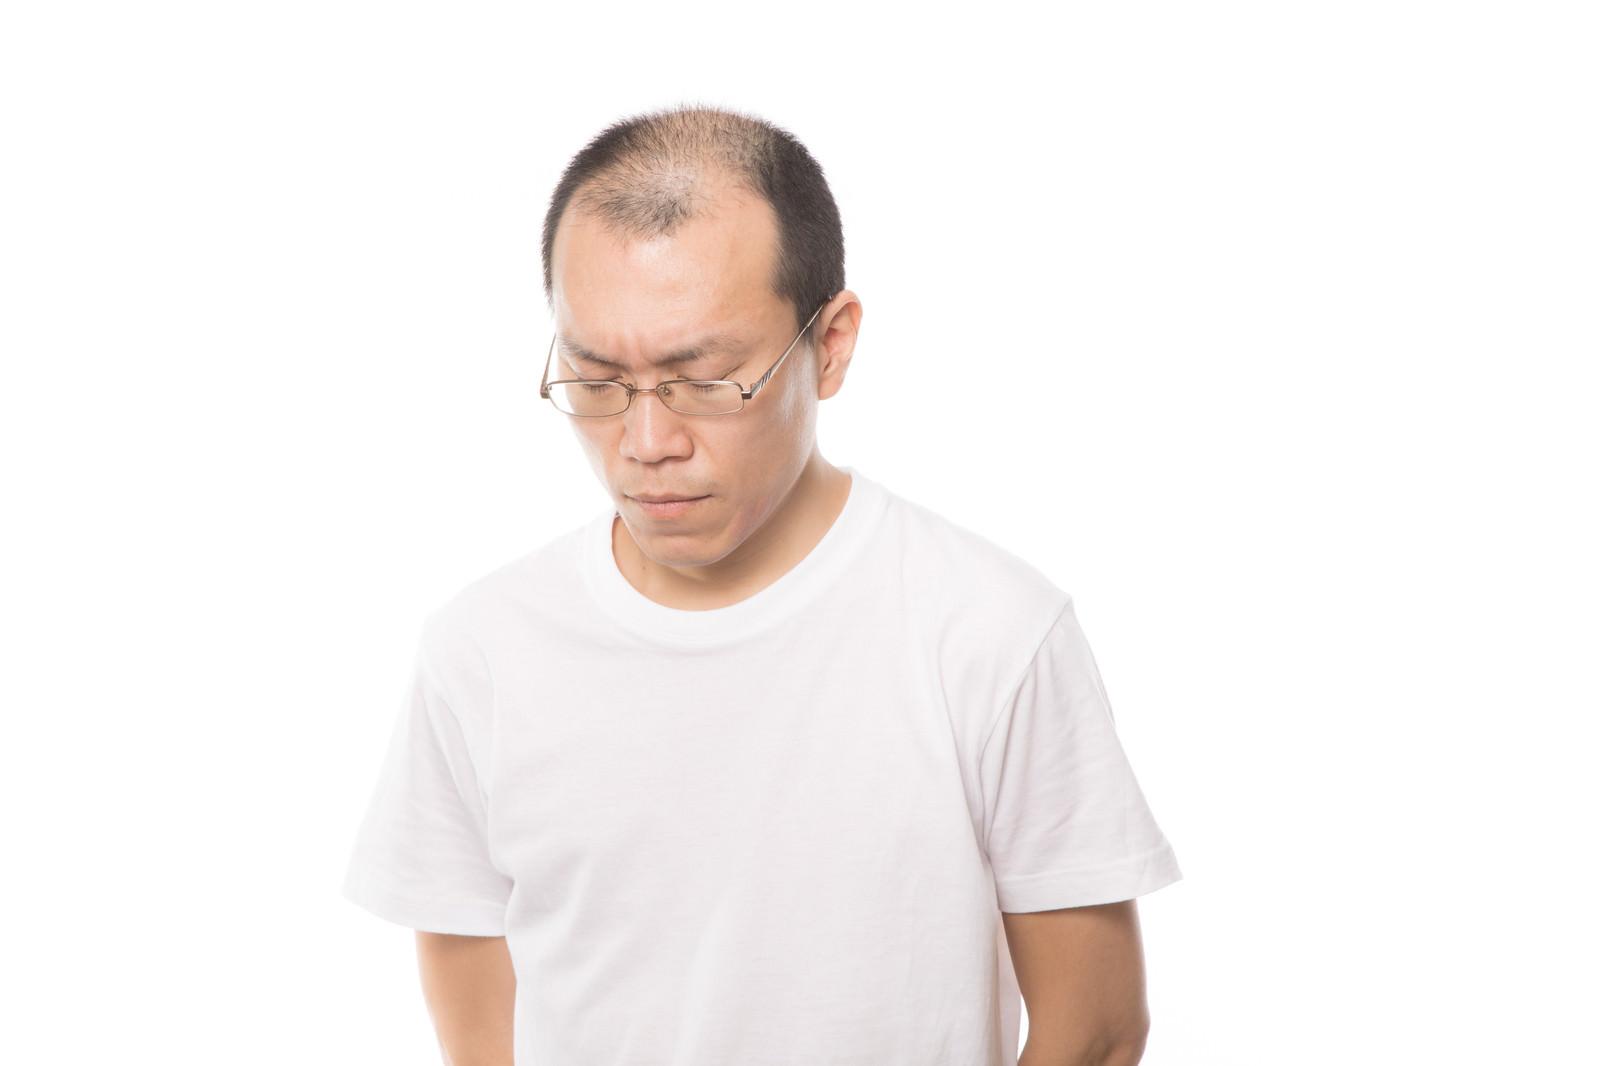 「薄毛に悩む男性」の写真[モデル:サンライズ鈴木]